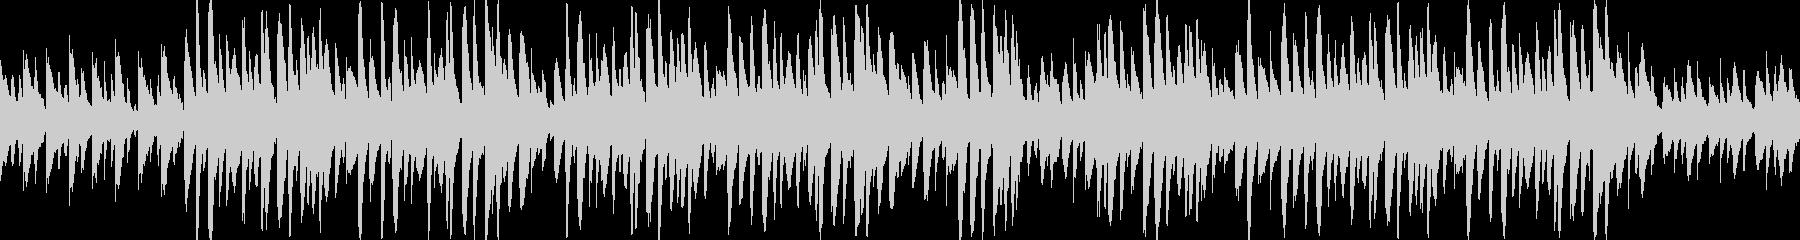 ほのぼの・メルヘン・マリンバの未再生の波形